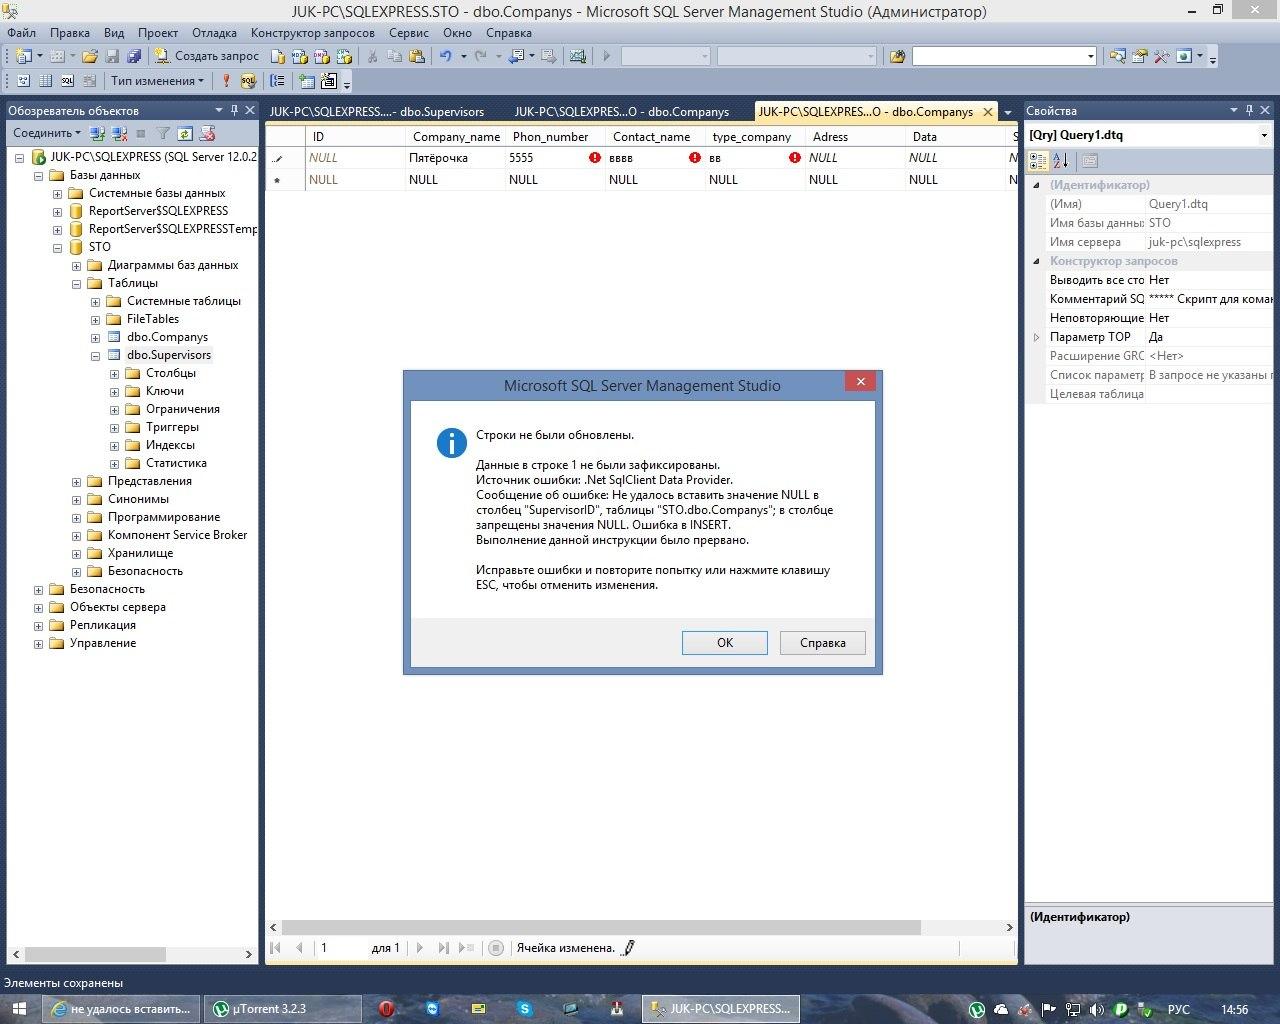 База данных. нумерация и упорядочивание строк при добавлении